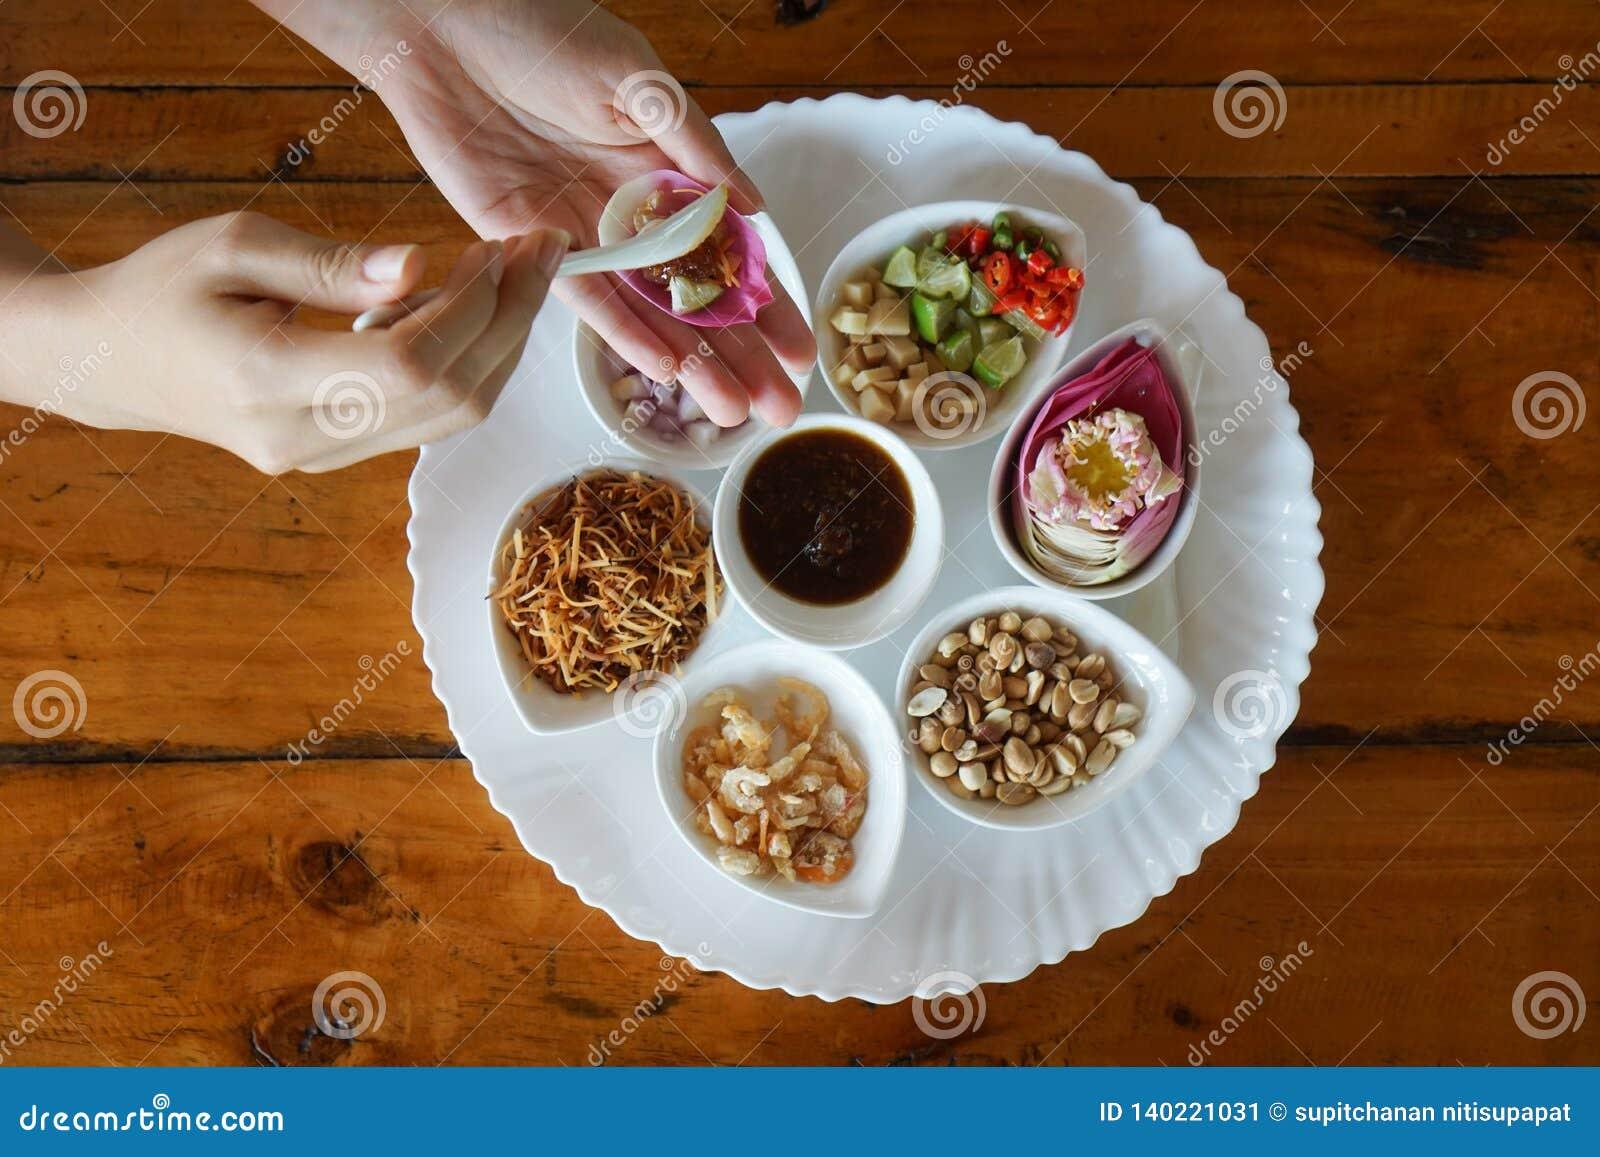 莲花叶子包裹了泰国食物